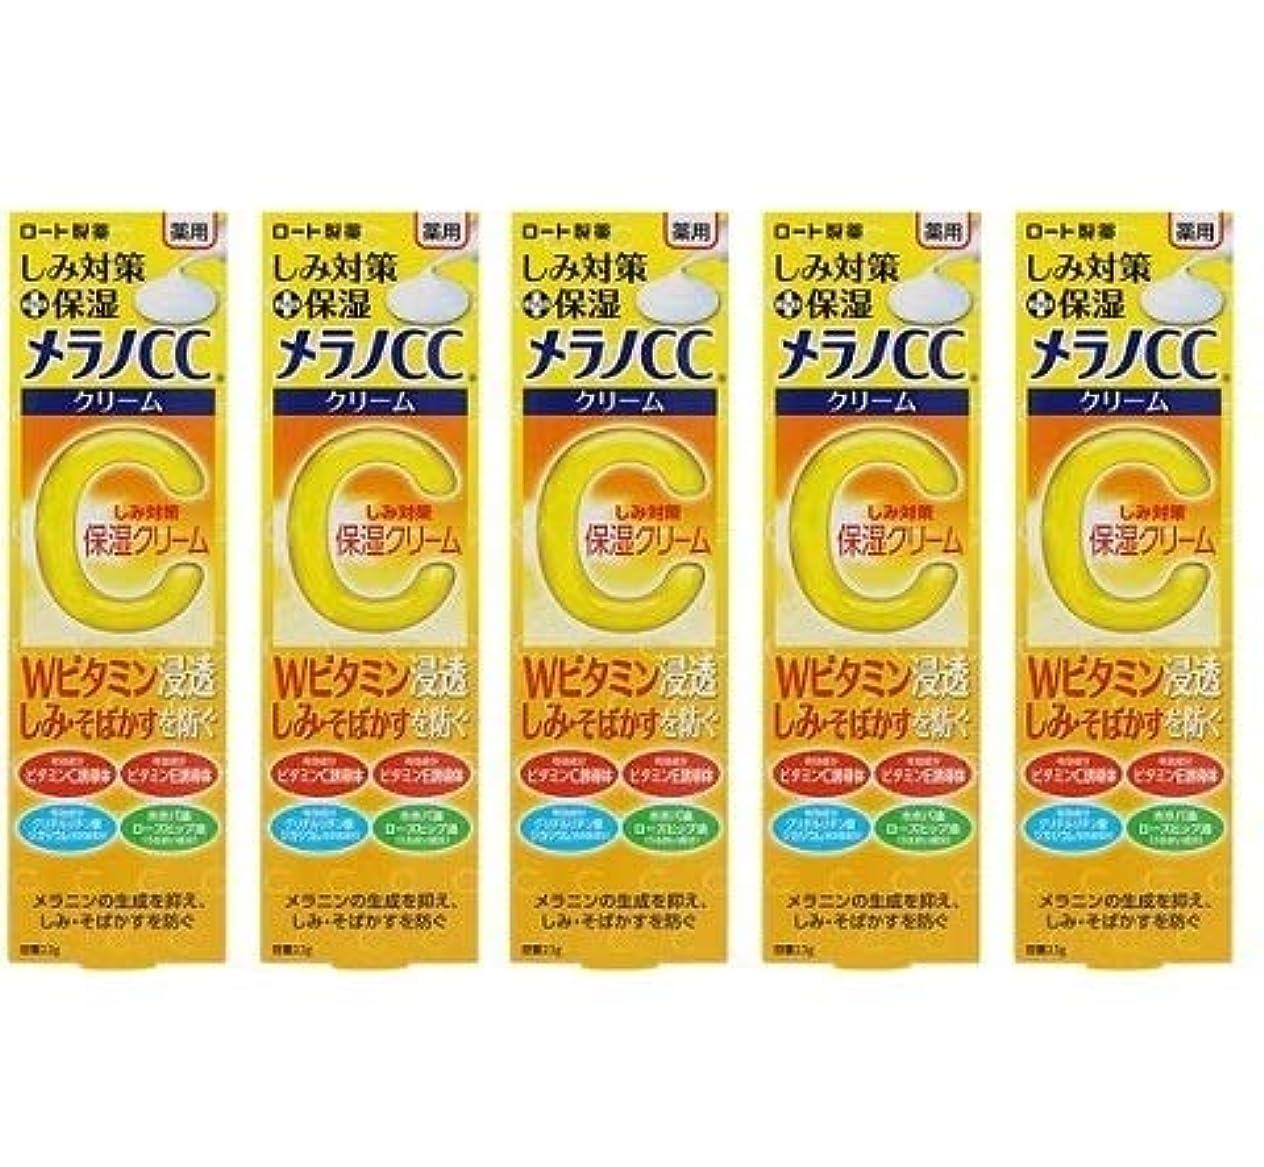 スペシャリストバスルームのためメラノCC 薬用しみ対策 保湿クリーム 23g×5個セット